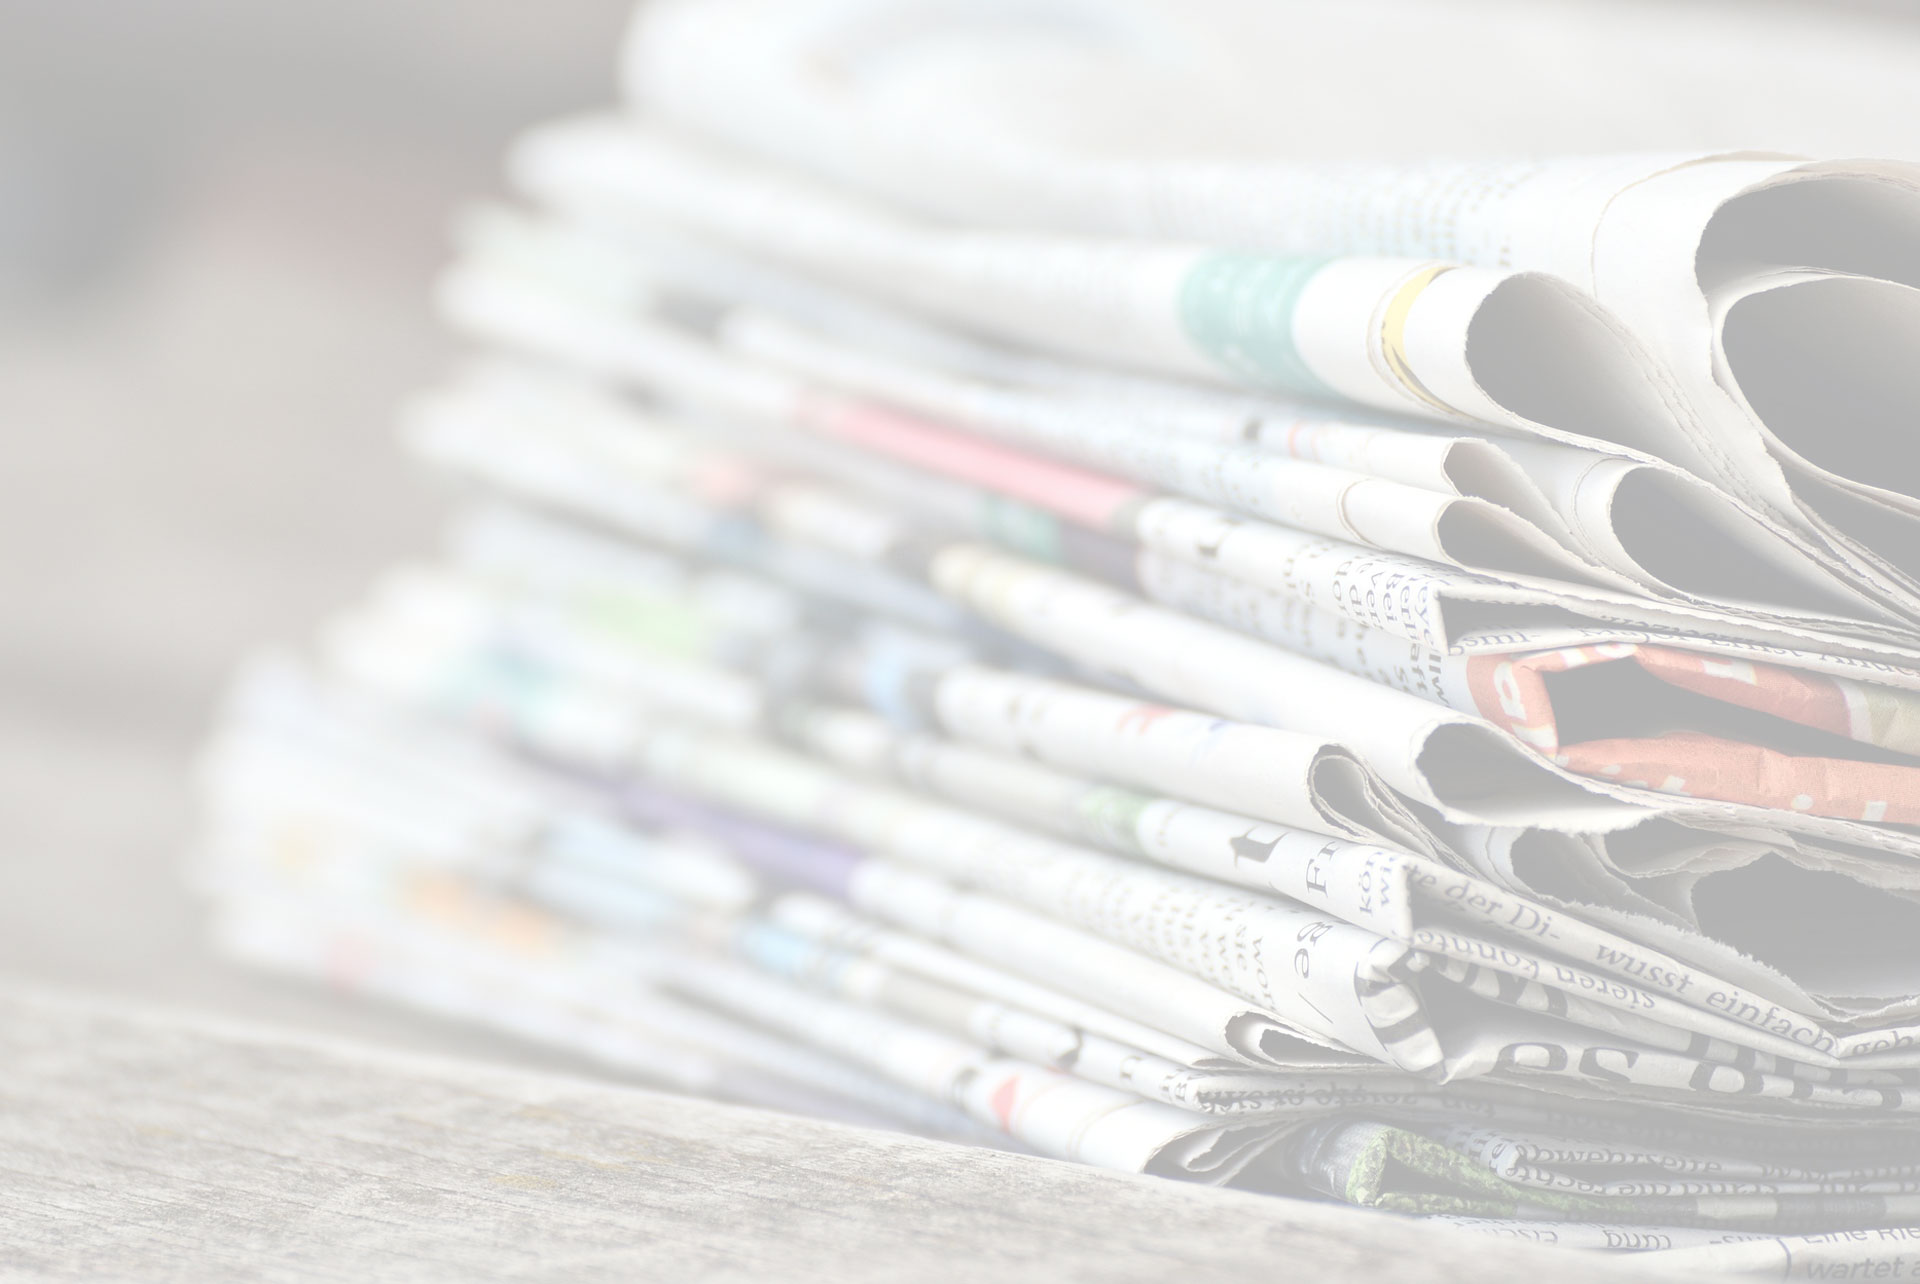 I due volti di Bibbiano. Salvini porta in piazza le madri, l